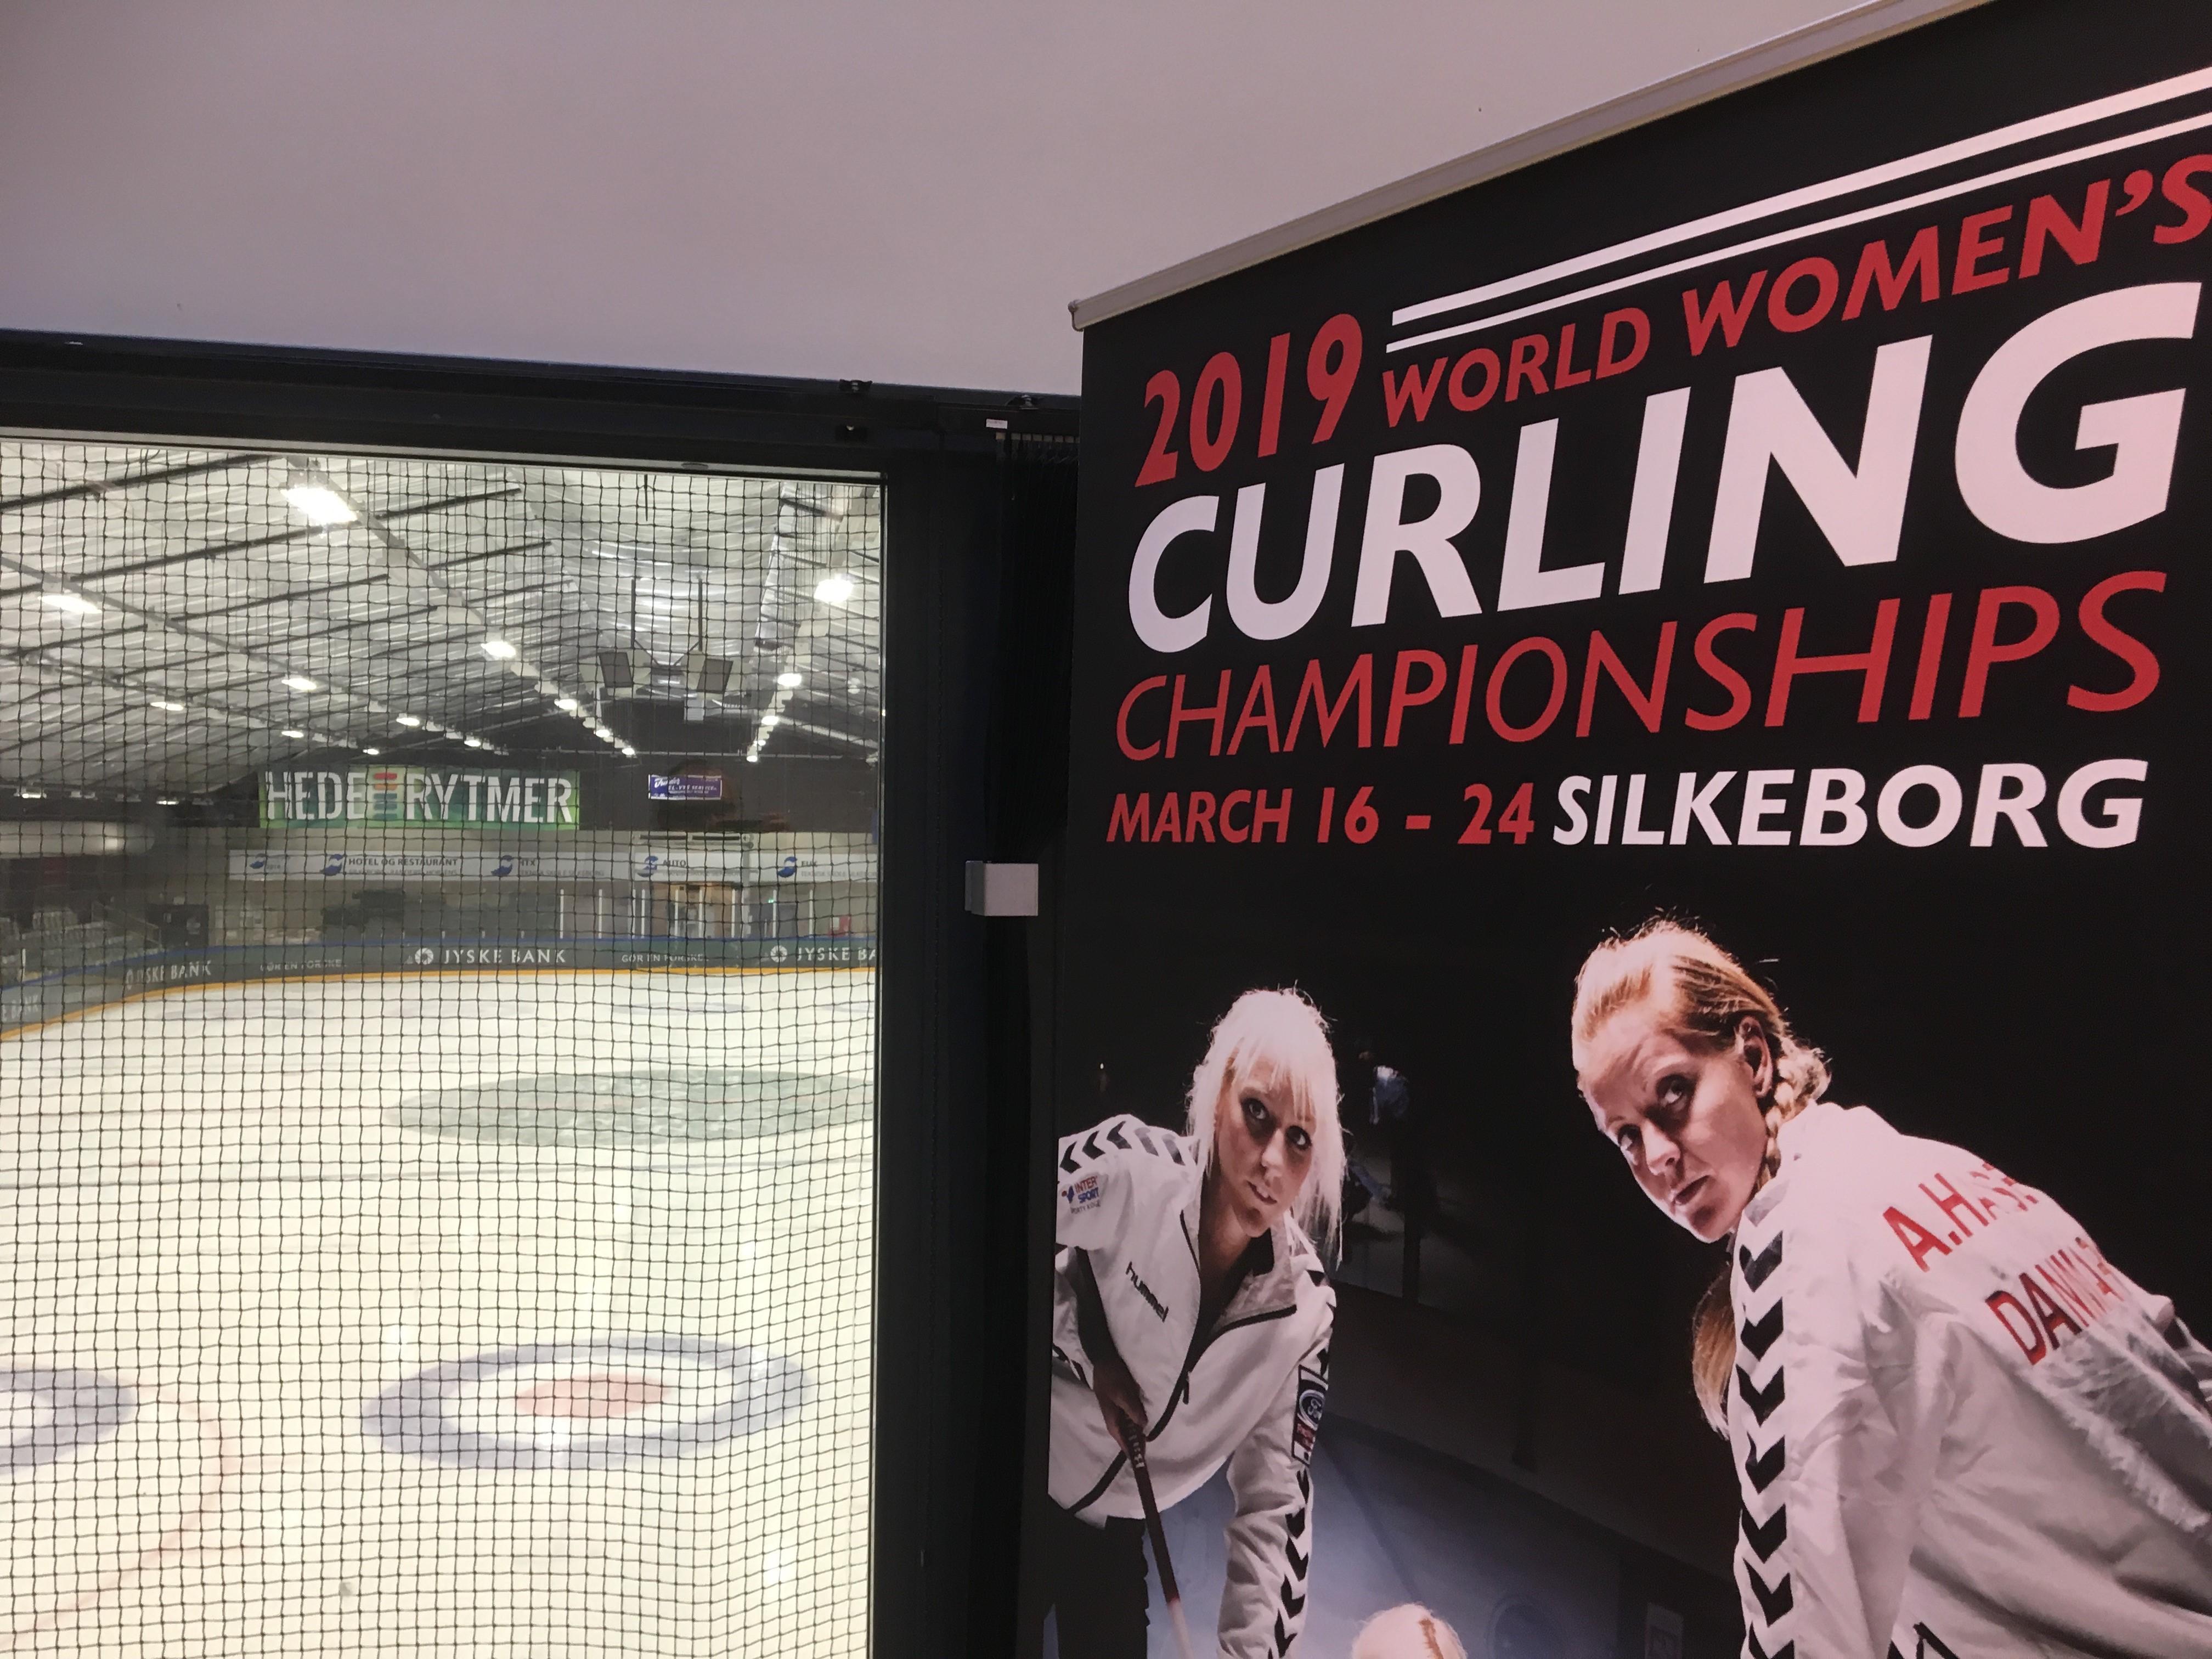 curling.jpg